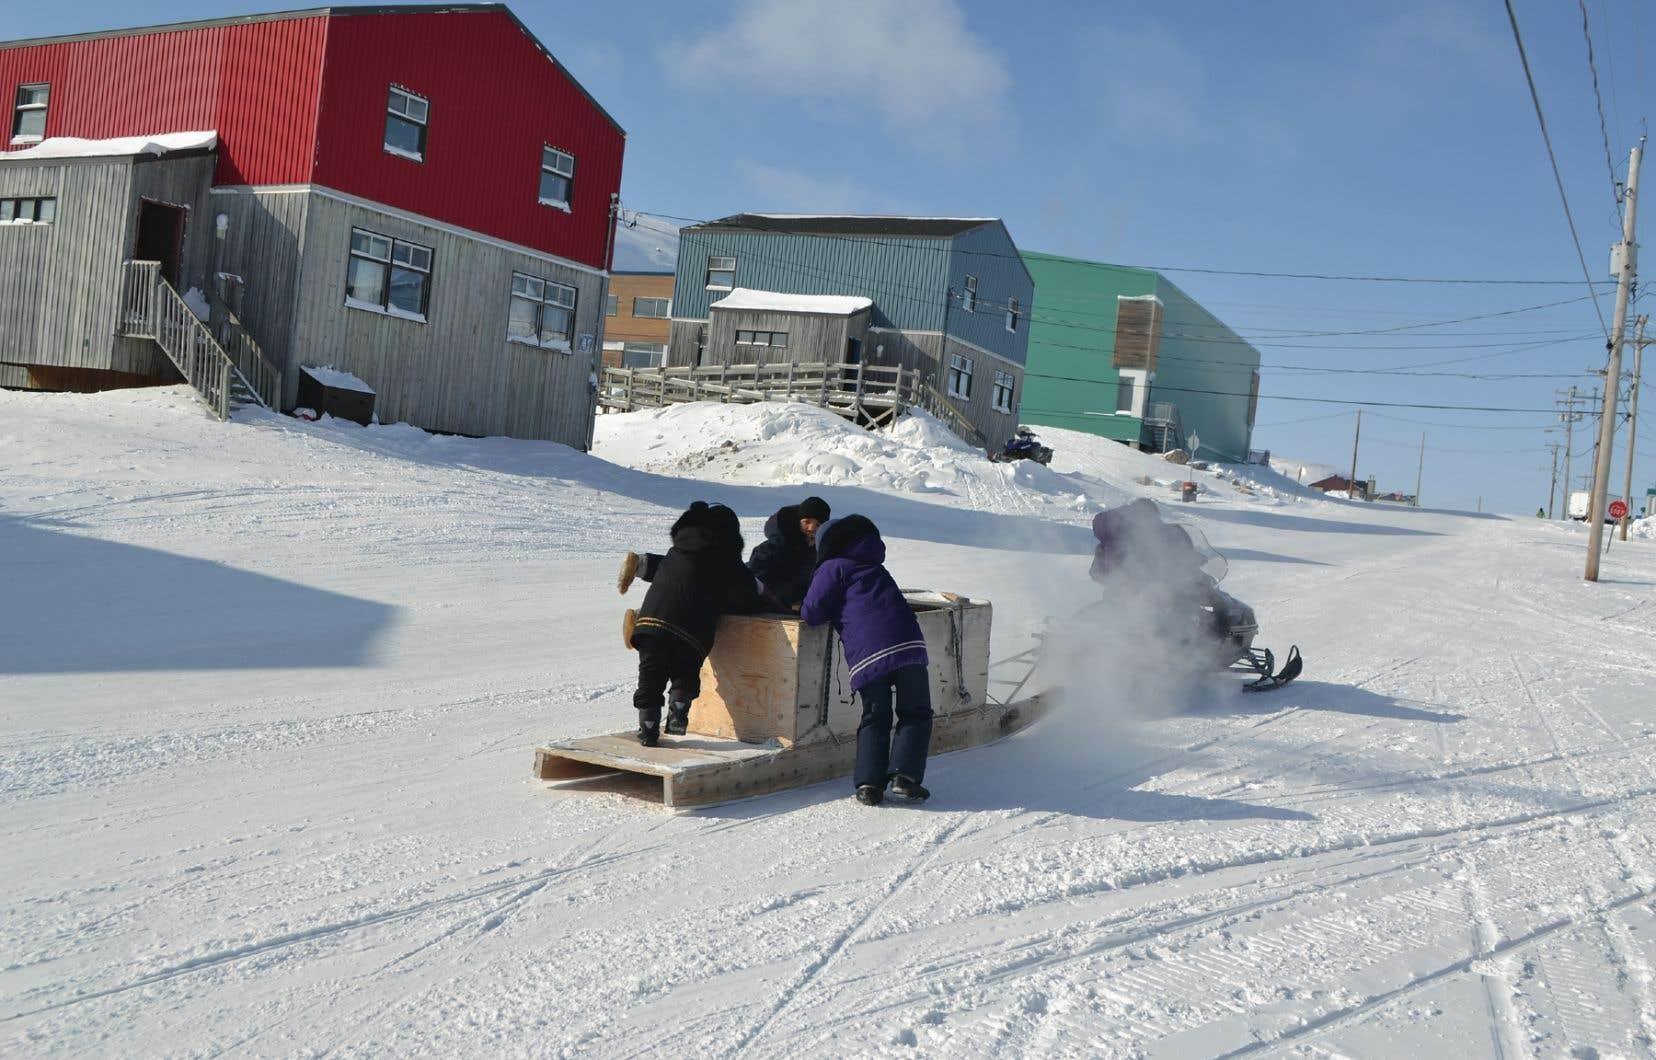 Parmi tous les dossiers visant la jeunesse autochtone, ceux concernant les Inuits sont les plus nombreux.